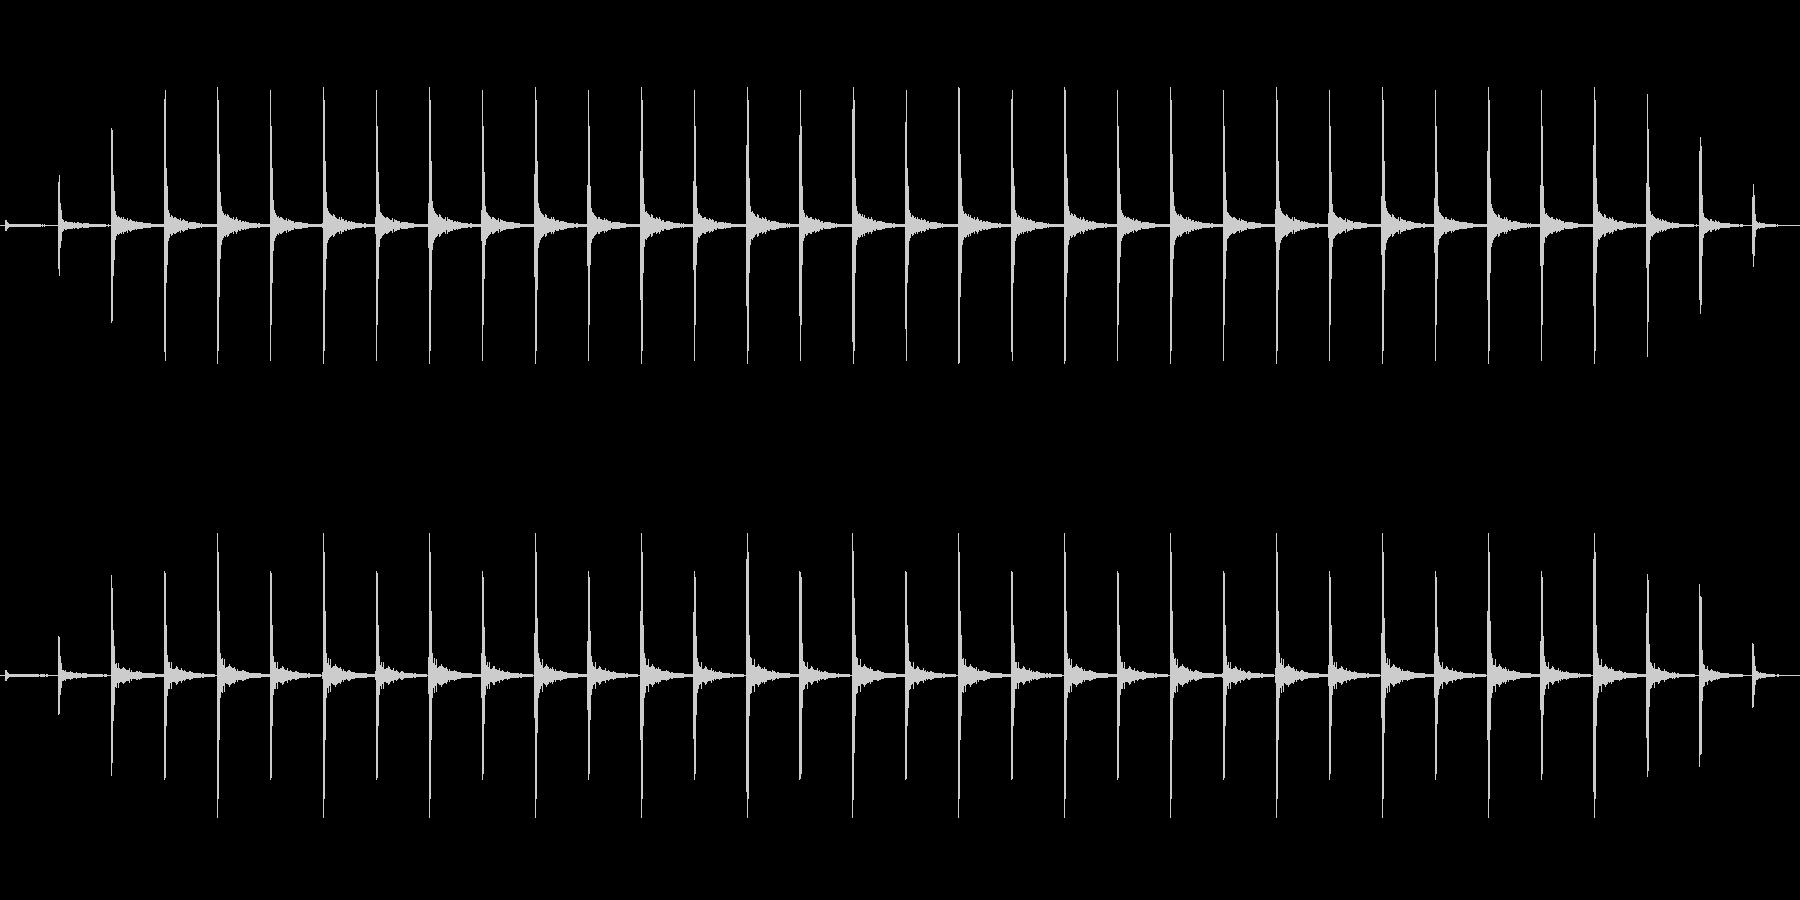 時計 ticktock_48-1_revの未再生の波形